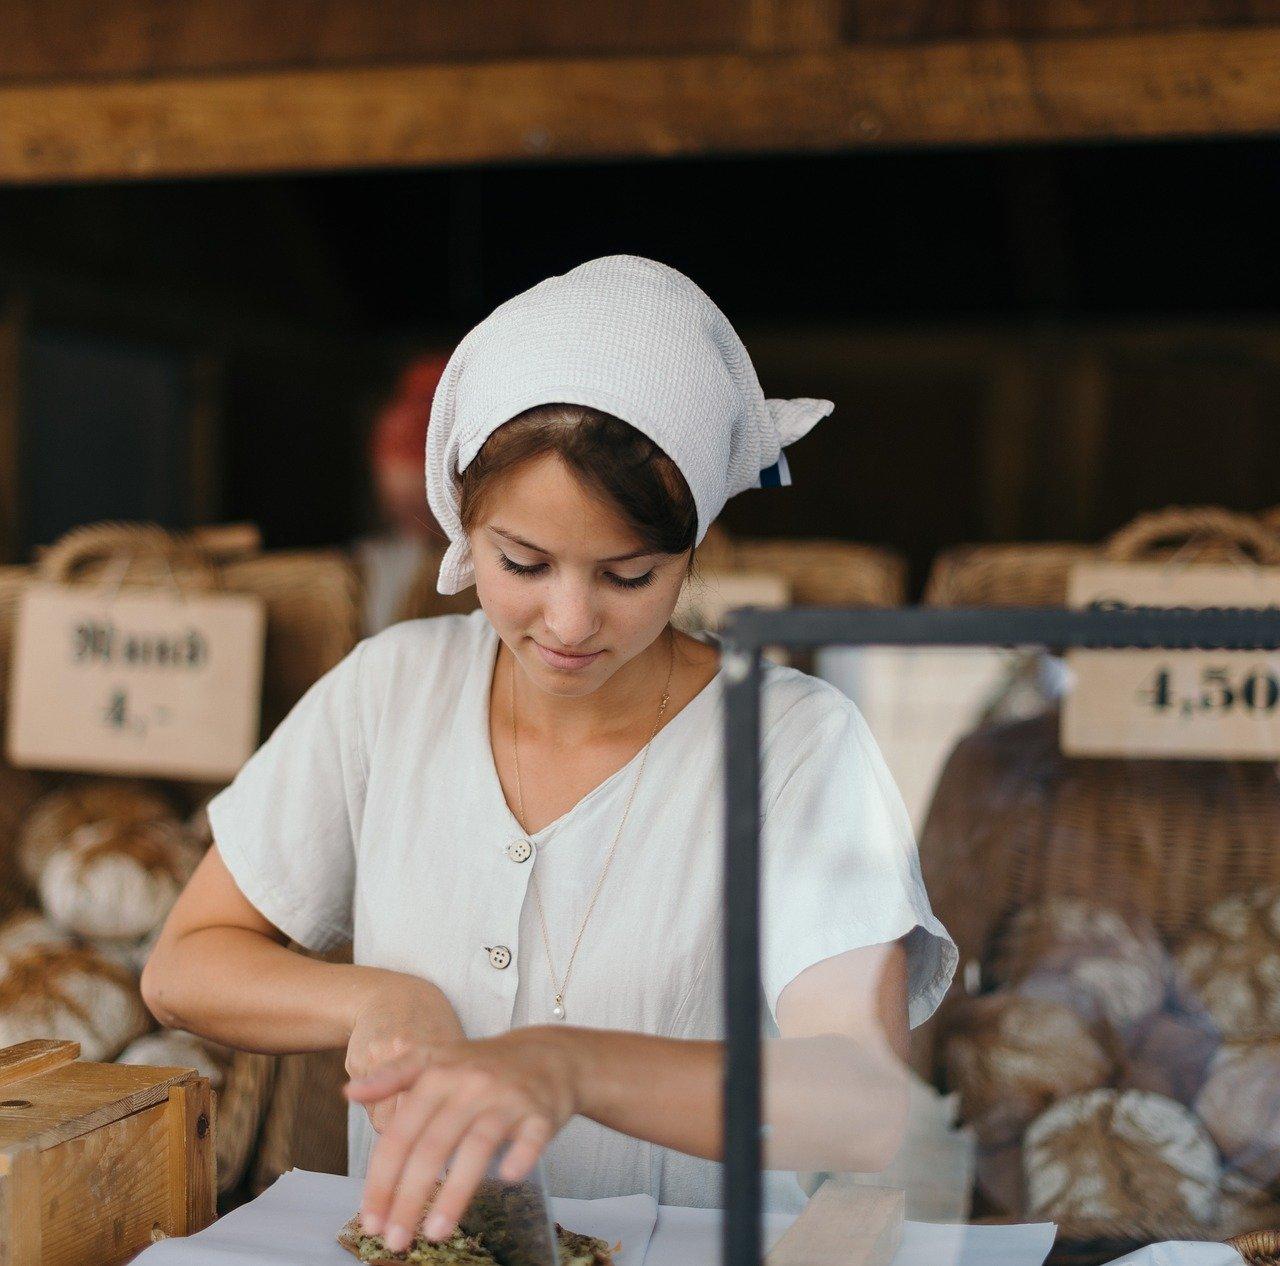 パン屋、女性